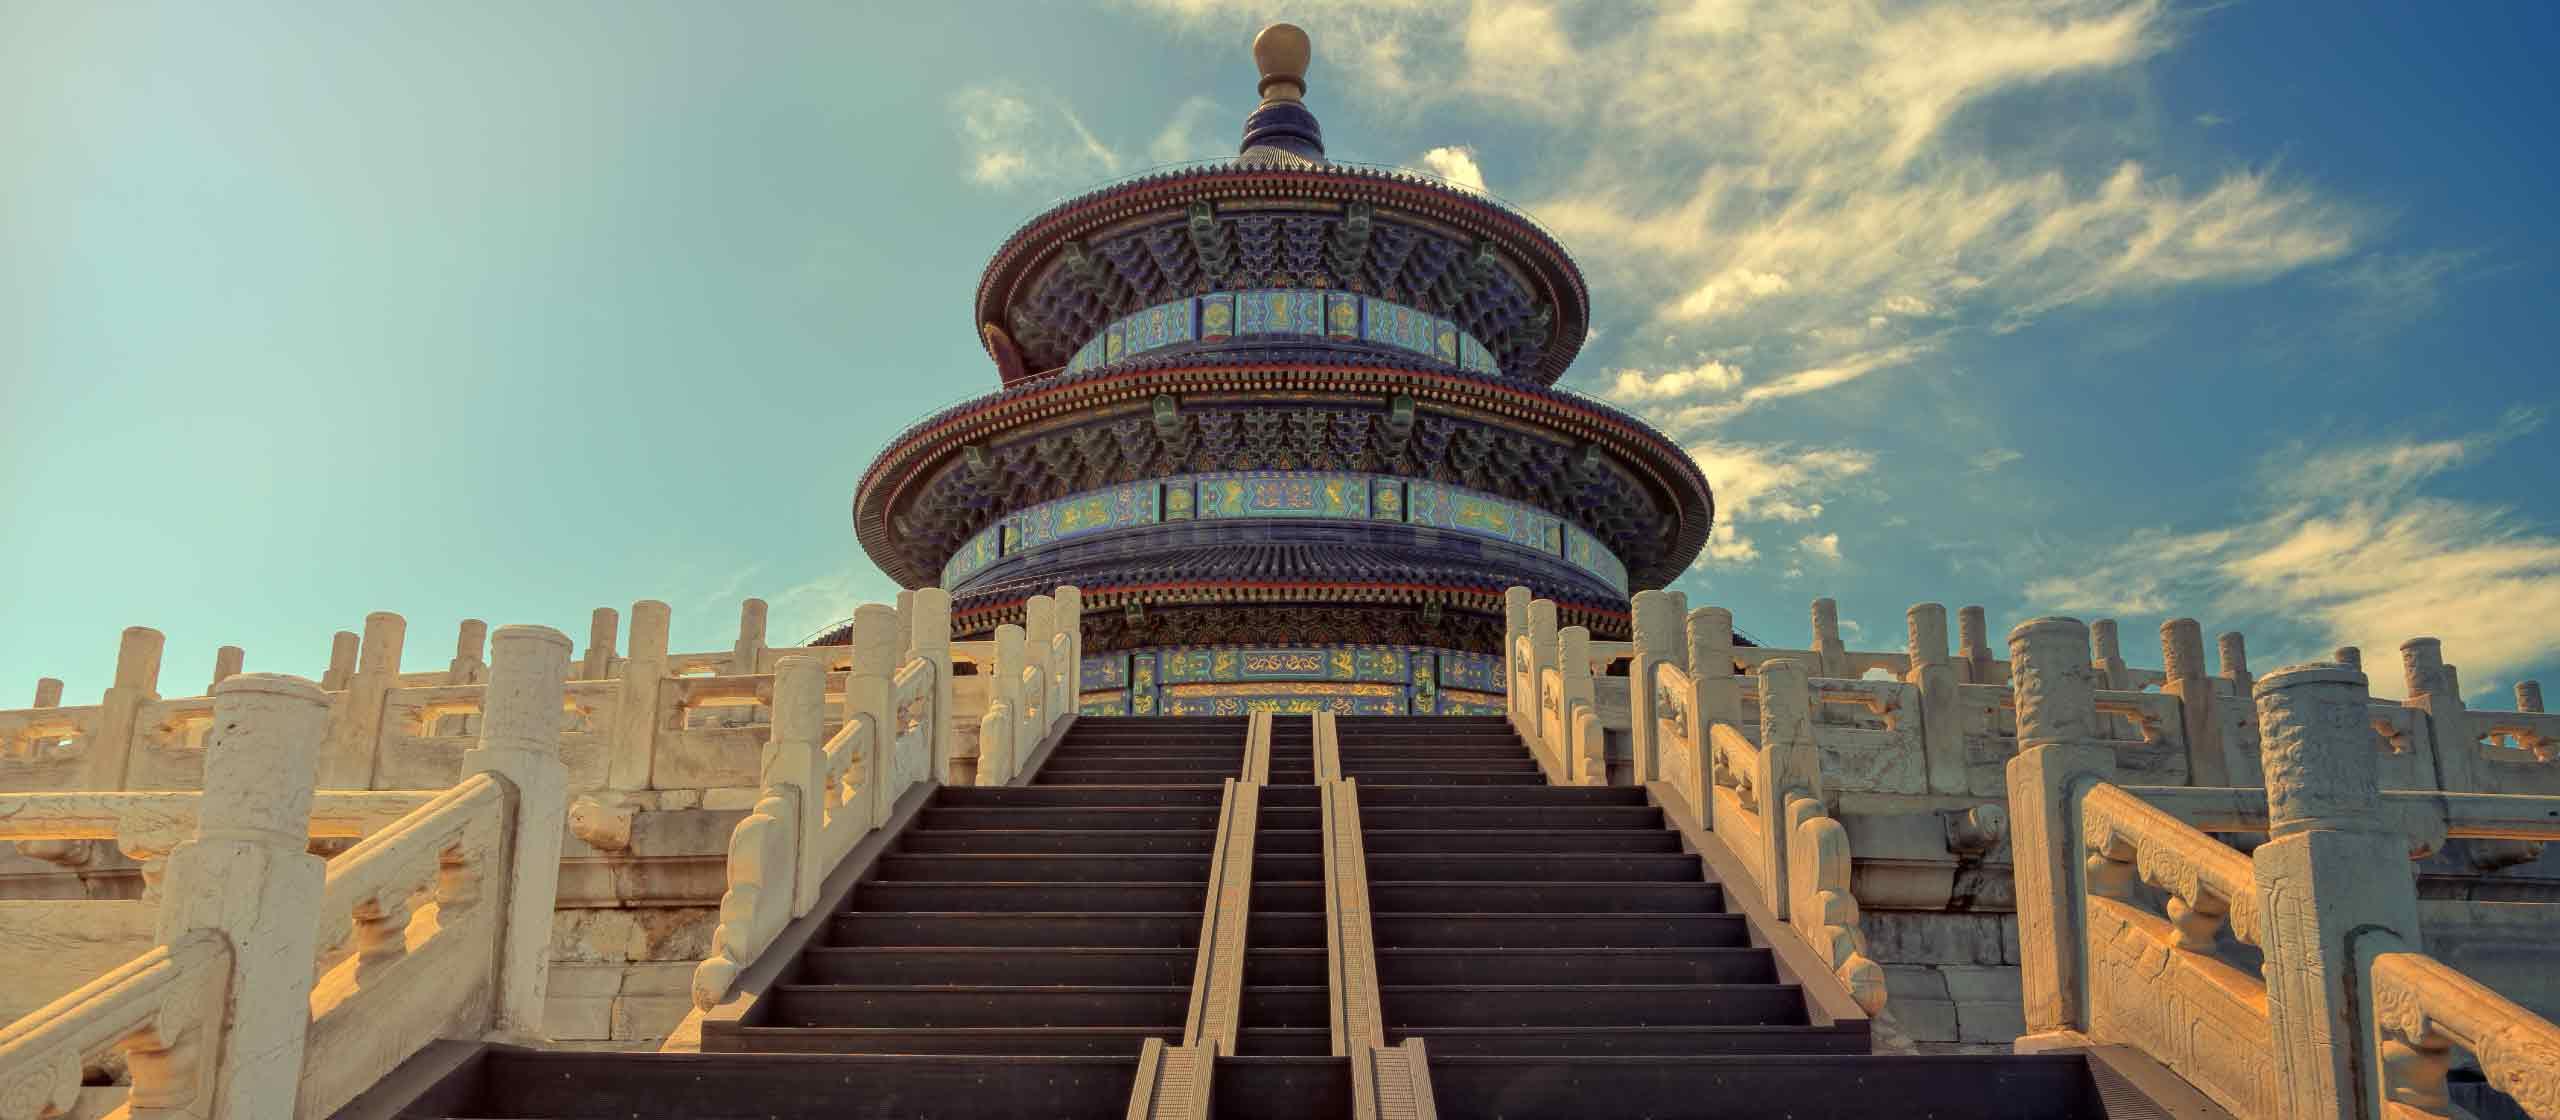 Beijing & Great Wall